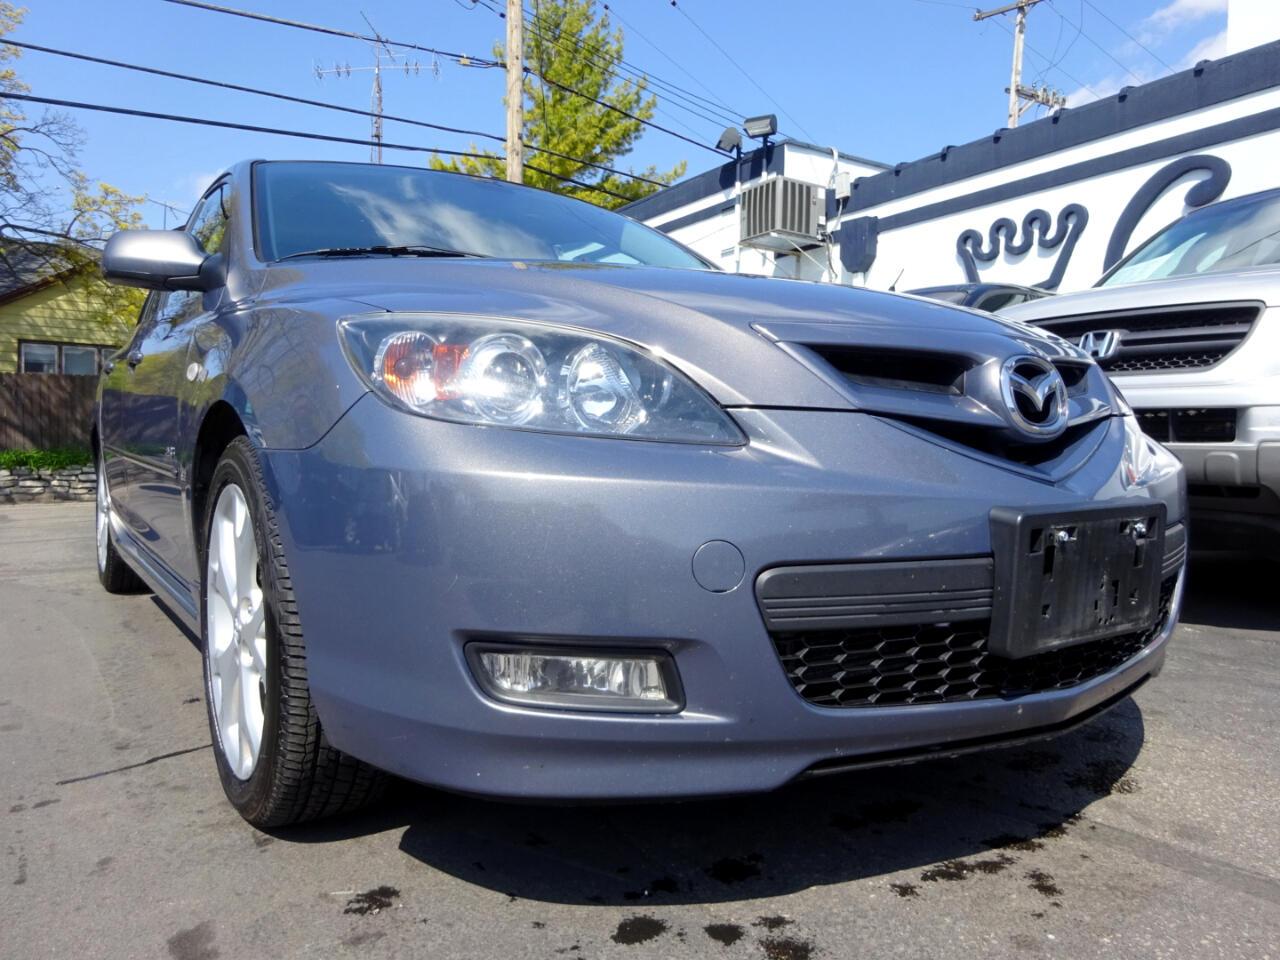 Mazda MAZDA3 5dr HB Manual s Grand Touring 2007